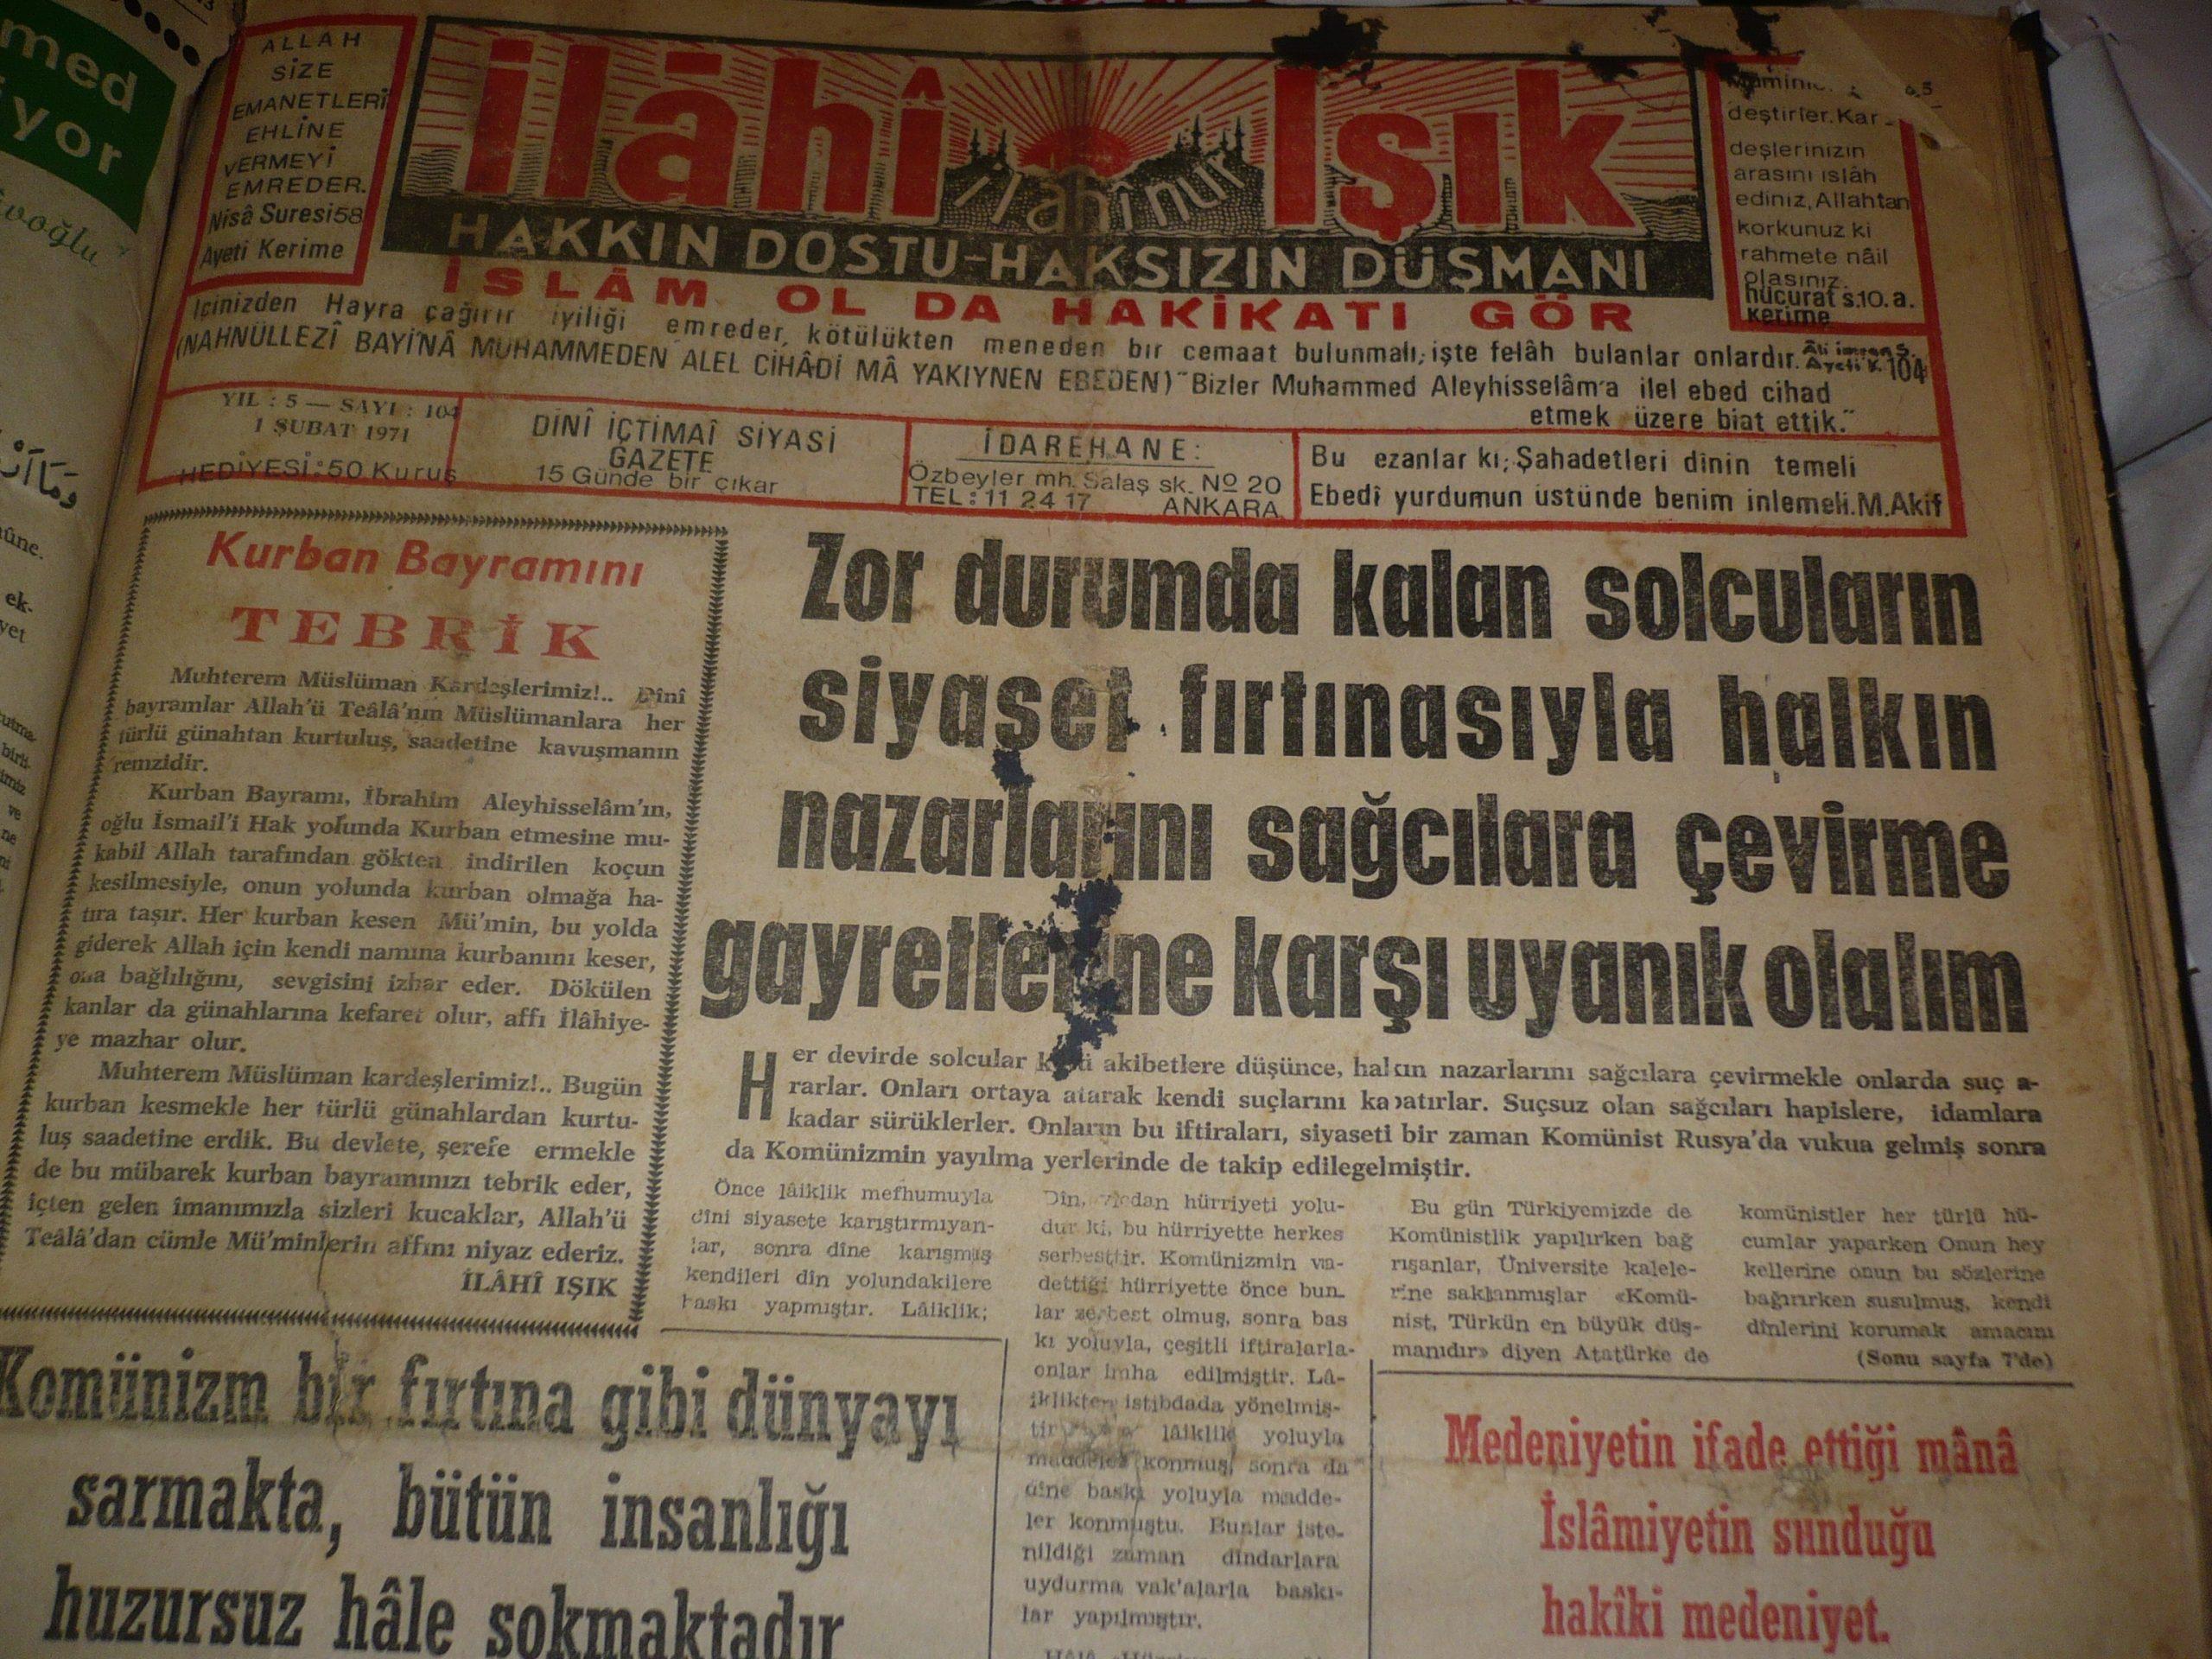 İLAHİ IŞIK/ 15 günde bir çıkan gazete/Kemal PİLAVOĞLU